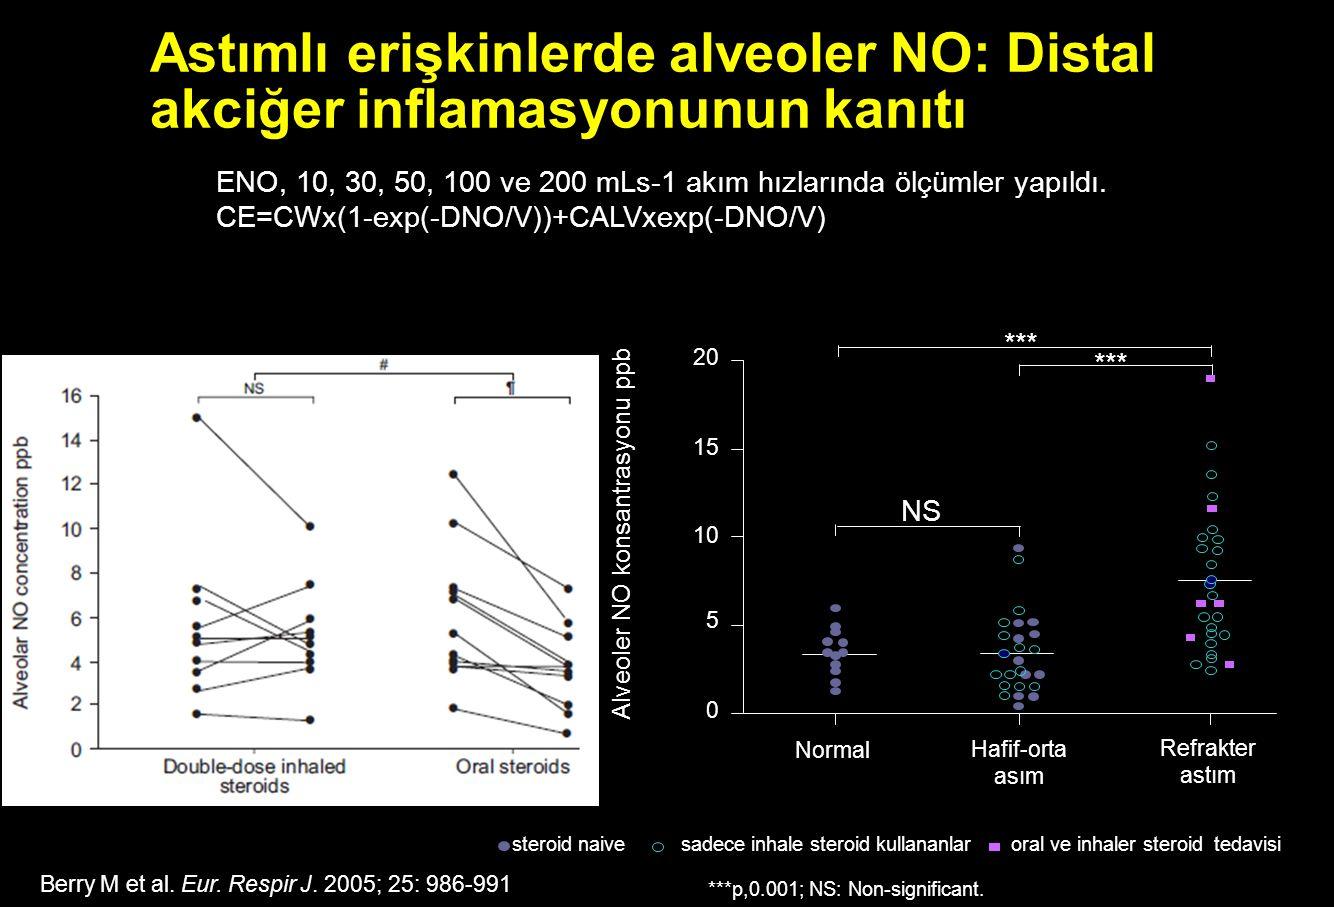 Astımlı erişkinlerde alveoler NO: Distal akciğer inflamasyonunun kanıtı Alveoler NO konsantrasyonu ppb Normal Hafif-orta asım Refrakter astım 20 15 10